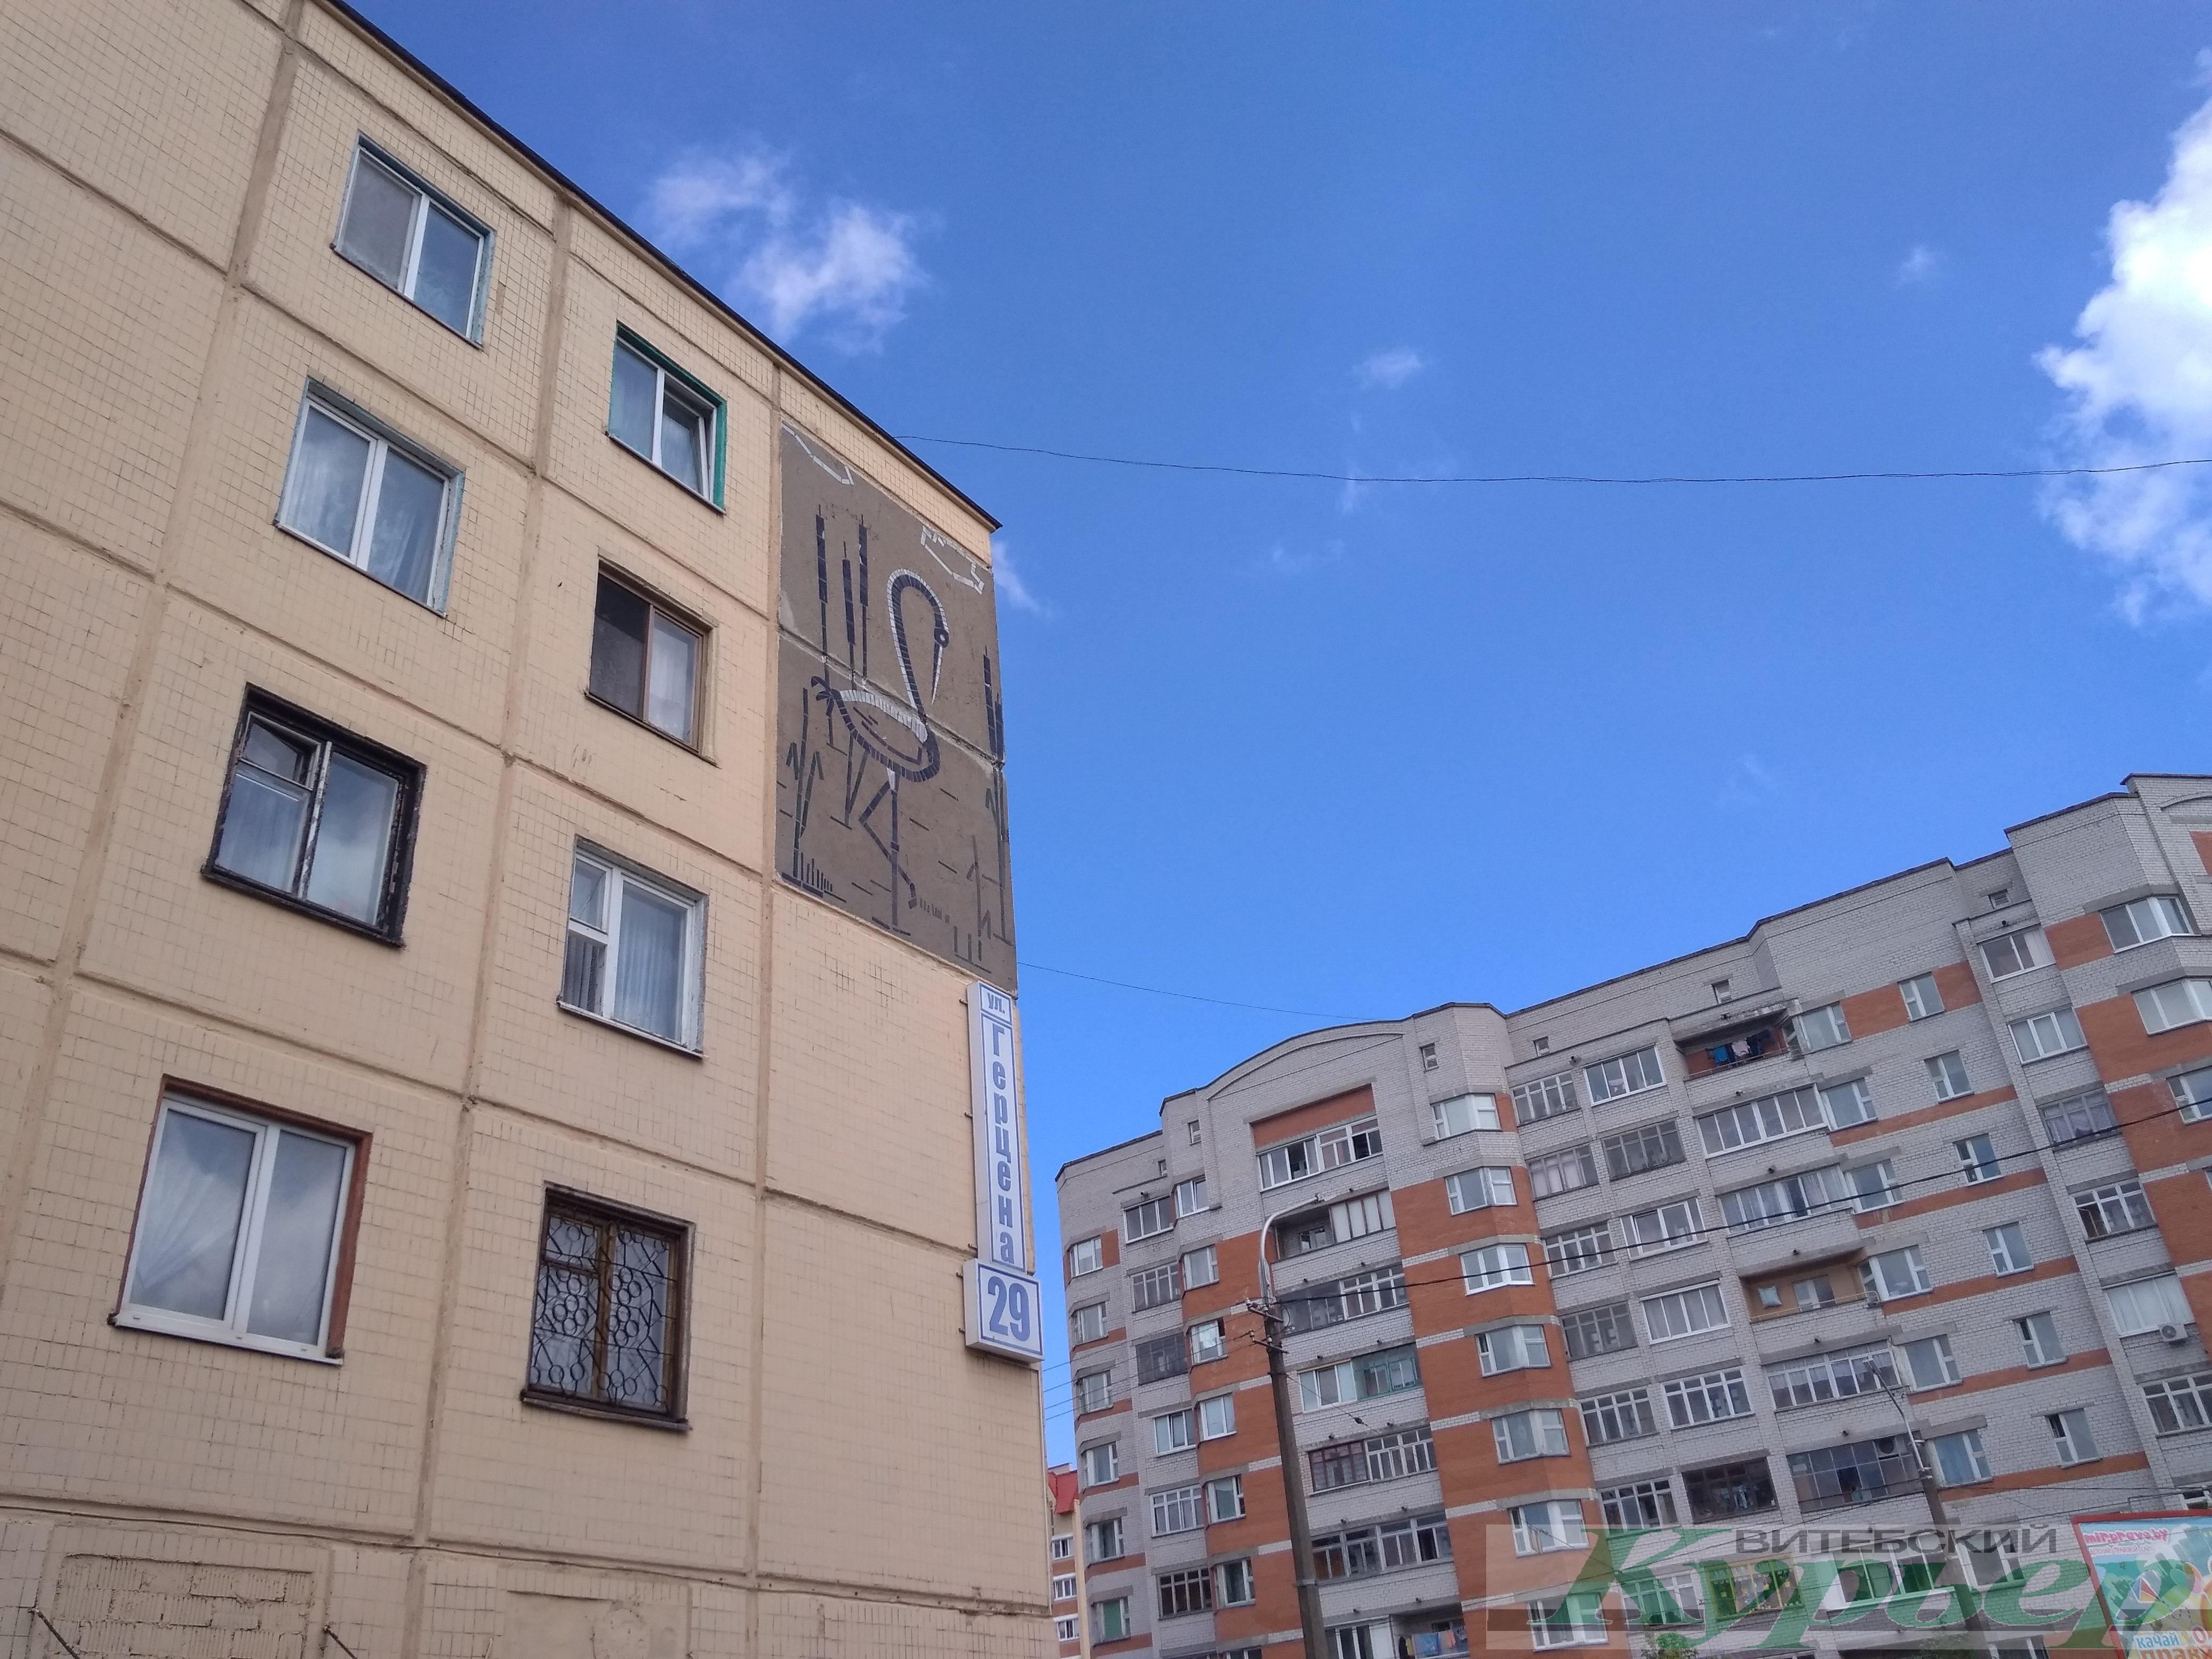 Короткий путеводитель по улицам Герцена и Гончарная, где когда-то проходила граница города